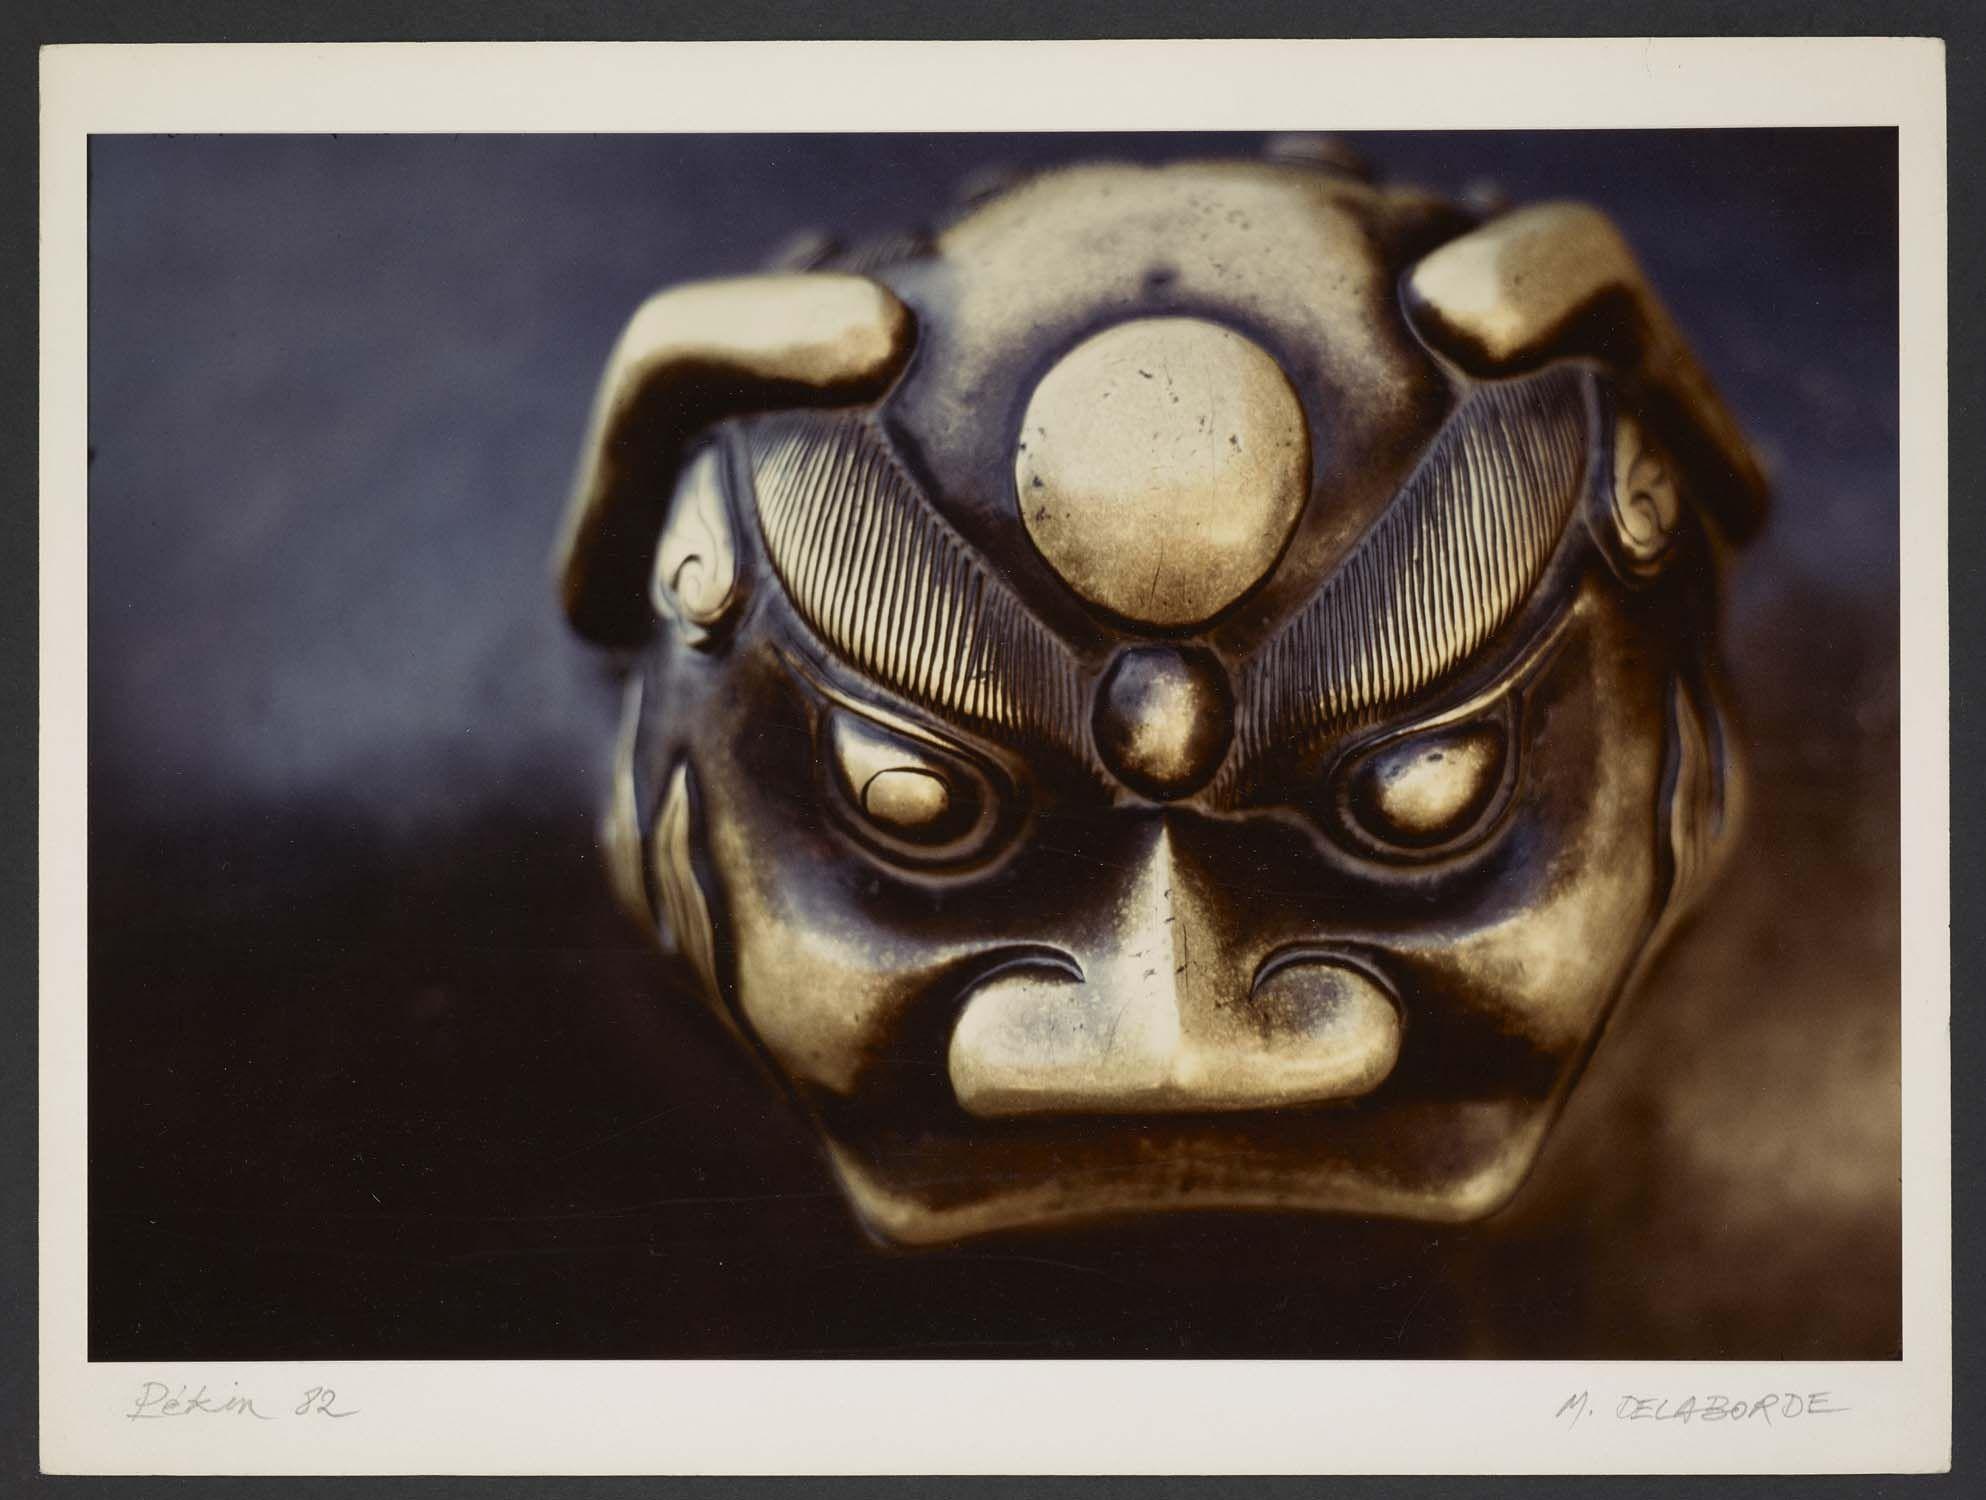 Michel Delaborde, Pékin, (détail de sculpture) 1982. © Ministère de la culture (France), Médiathèque de l'architecture et du patrimoine, Diffusion RMN-GP